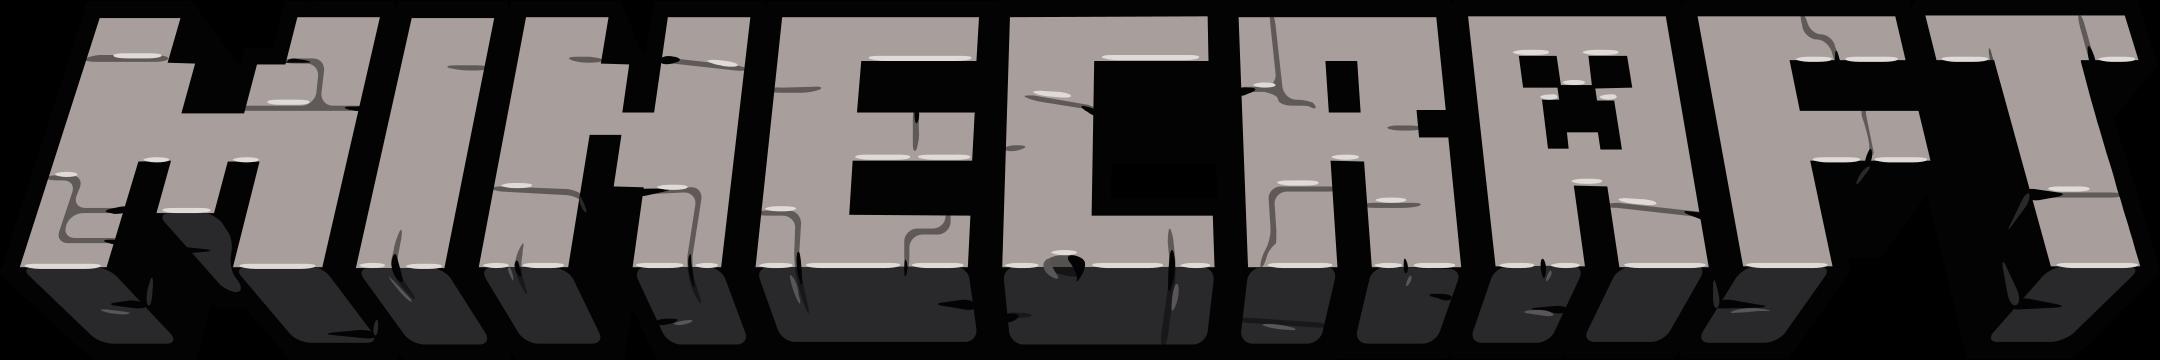 minecraft logo 1 1 - Minecraft Logo